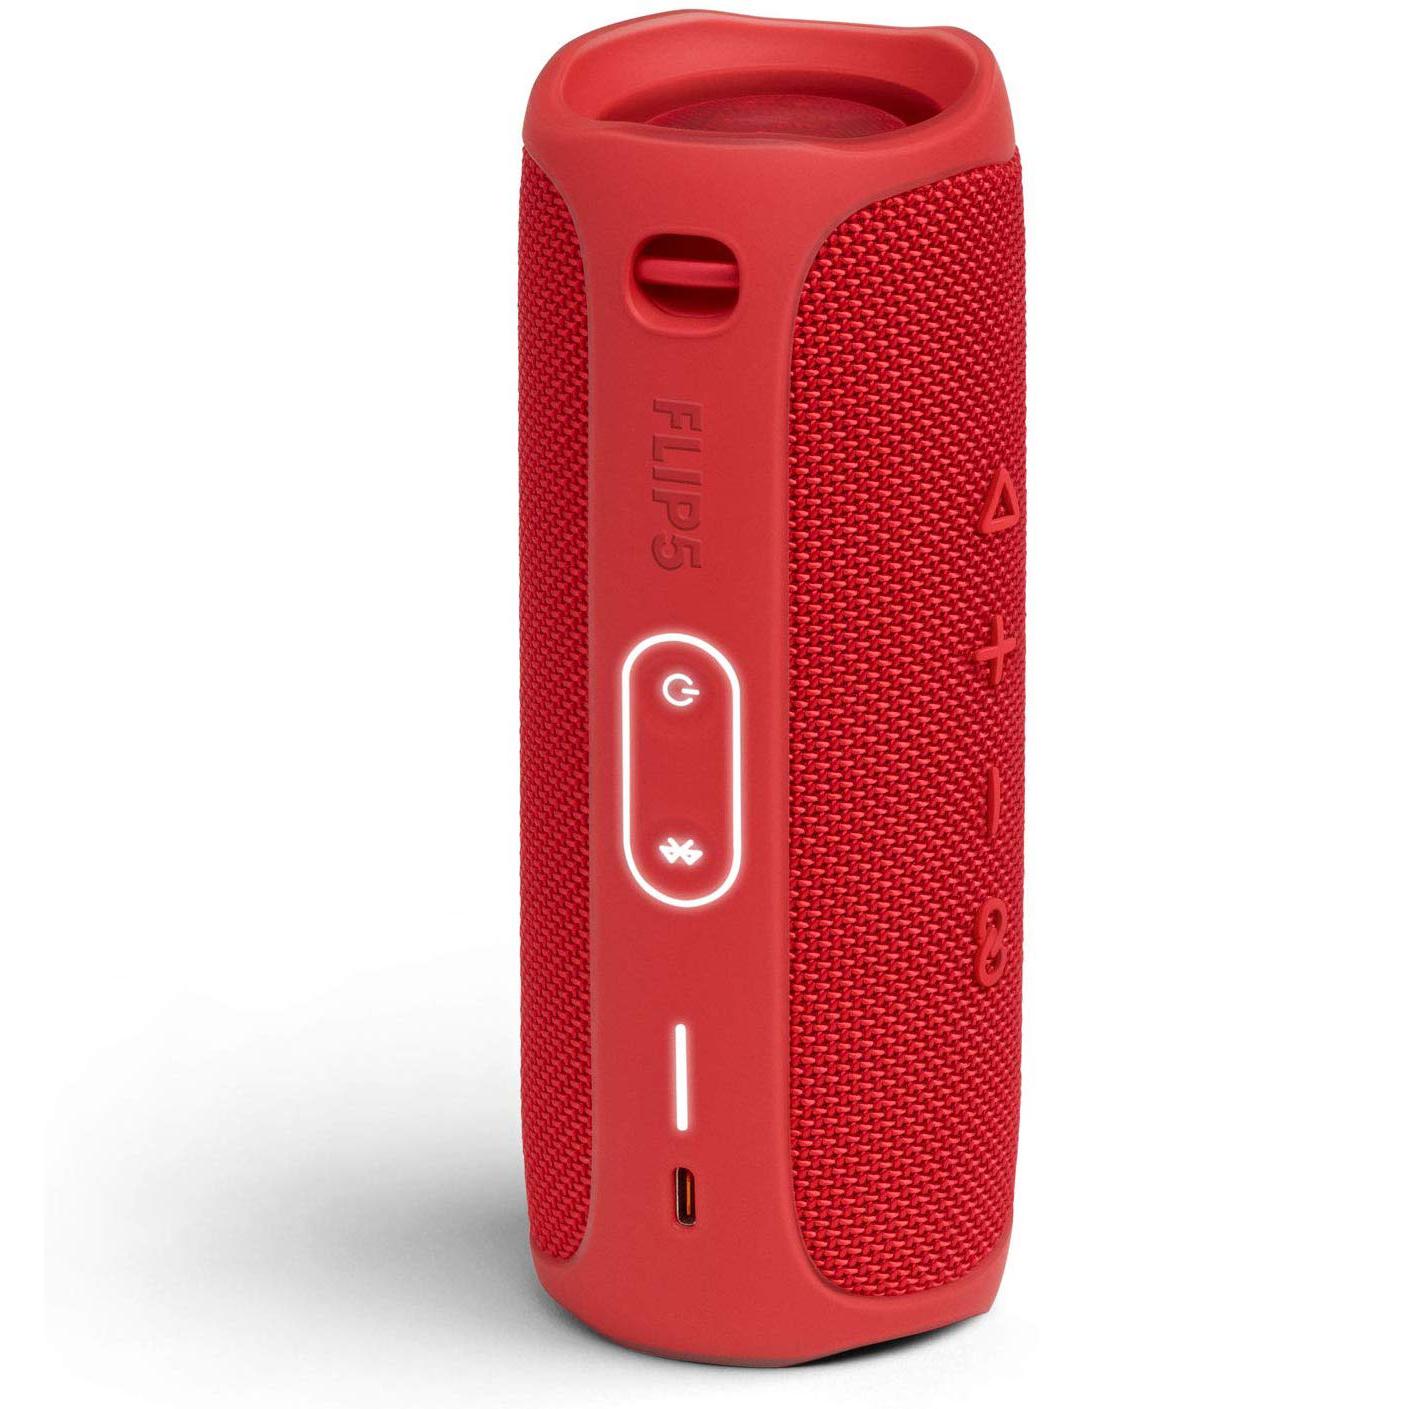 Loa bluetooth di động JBL Flip 5 - Dung lượng 4800mAH chơi nhạc đến 12h - Chống nước IPX7 - Hàng chính hãng bảo hành điện tử 12 tháng